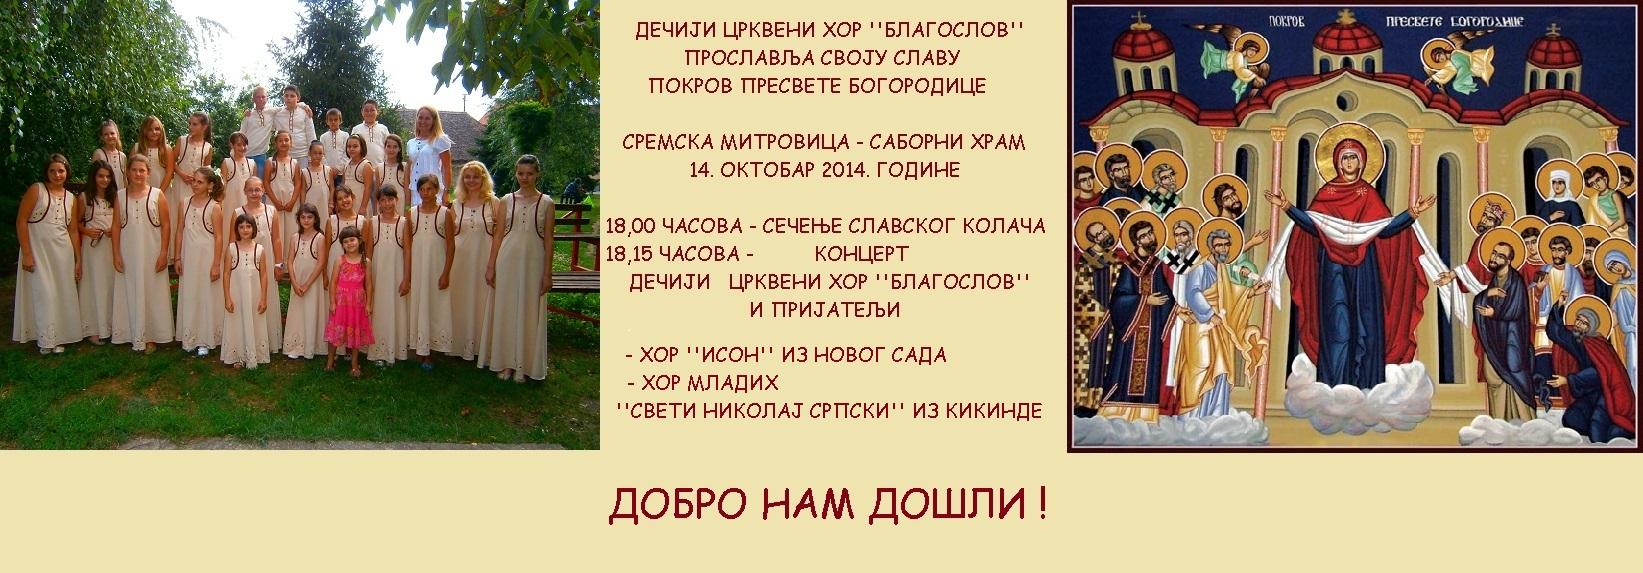 """Дечји црквени хор """"Благослов"""" данас слави своју славу"""